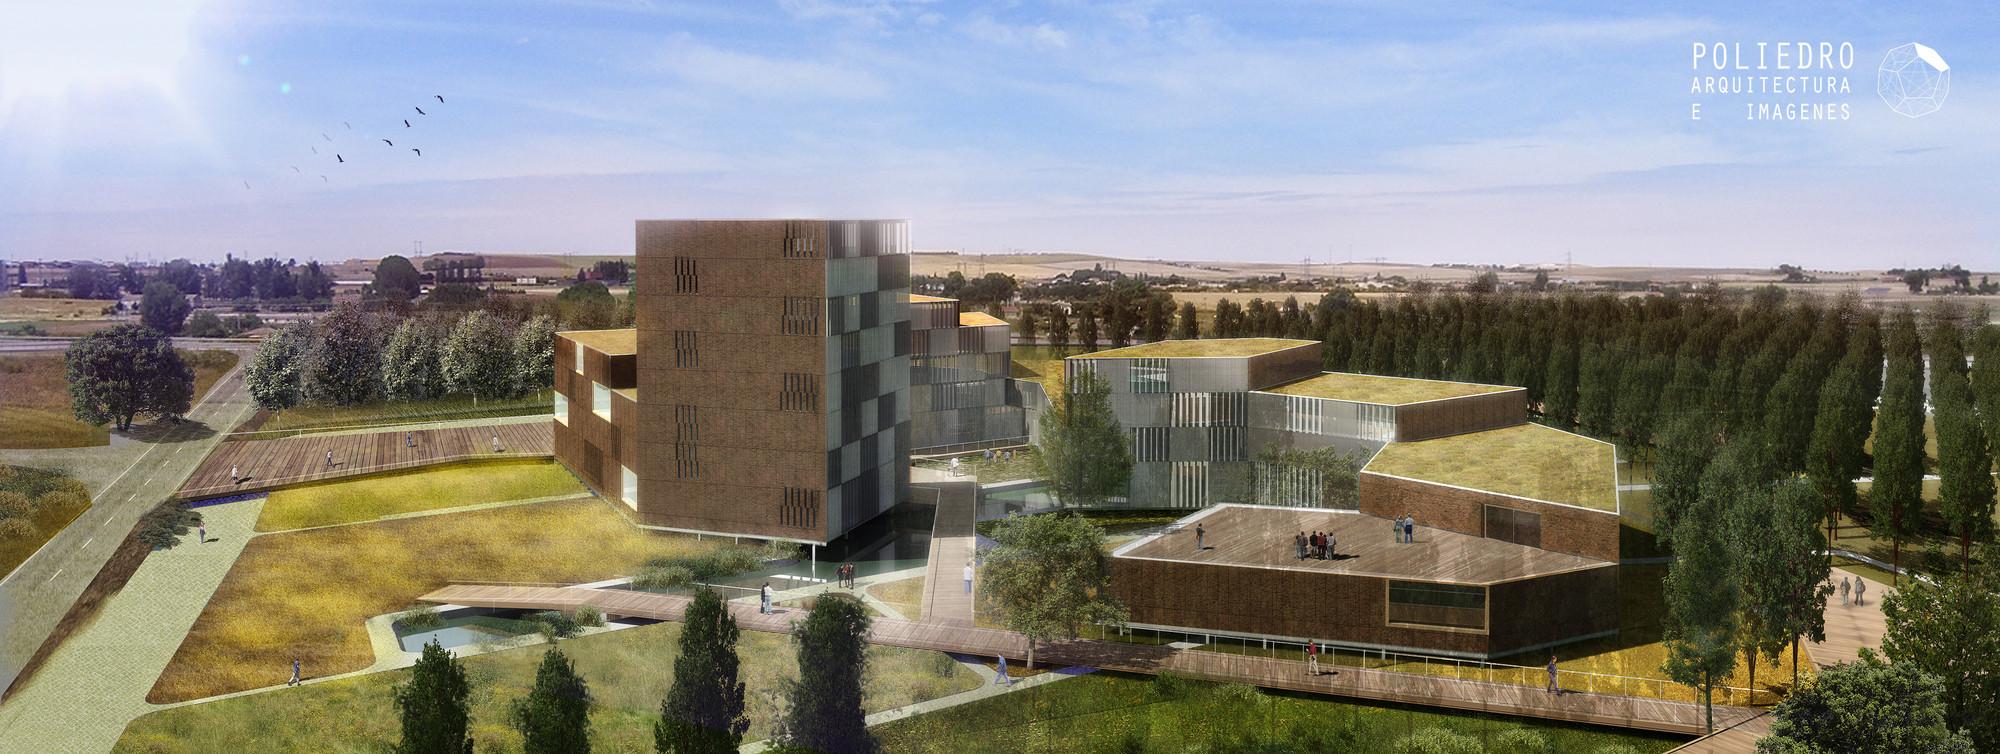 Concurso Cúpula de la Tecnología. 2012. Arquitectos: Herreros arquitectos+Francisco Mangado